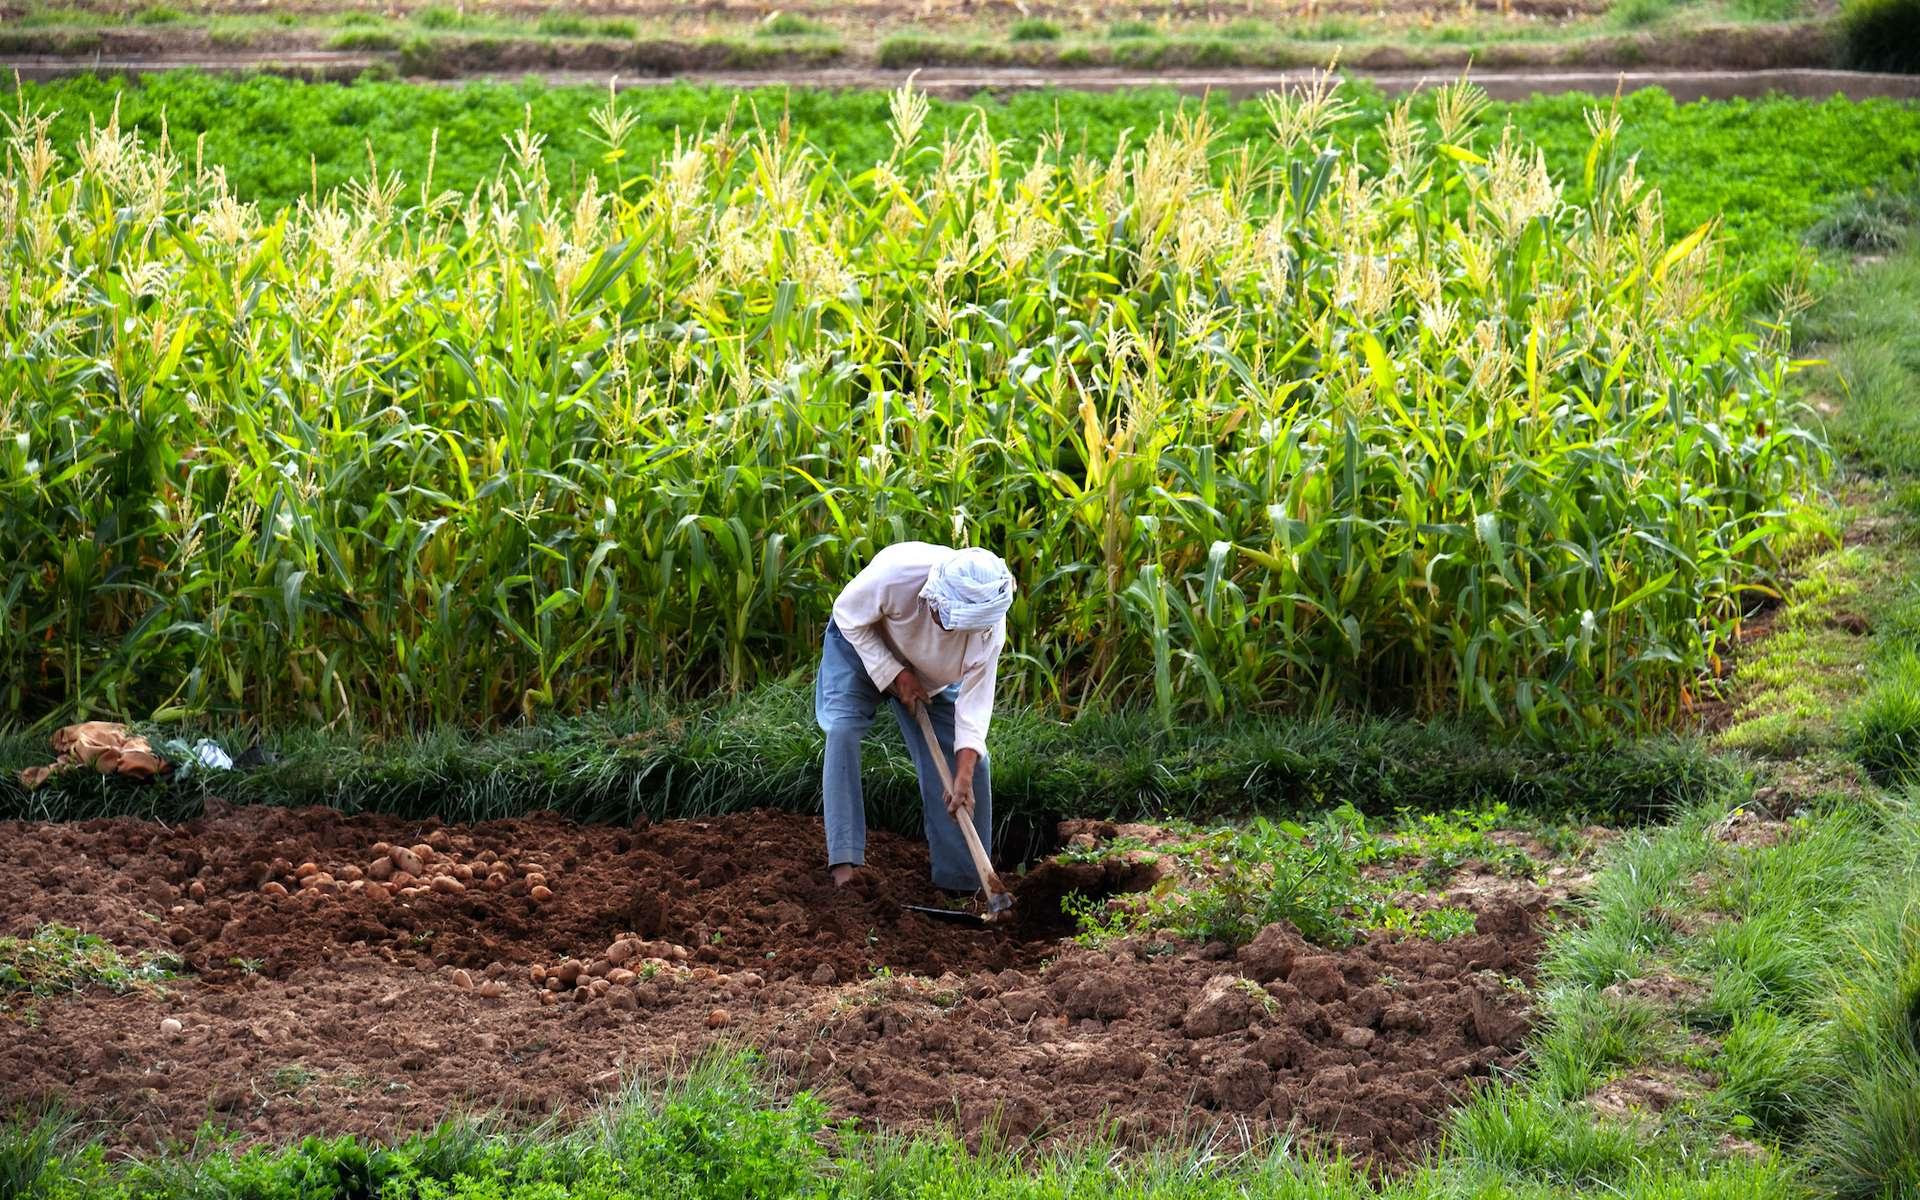 L'agriculture vivrière représente 80 % des exploitations agricoles dans le monde. © monticellllo, Adobe Stock